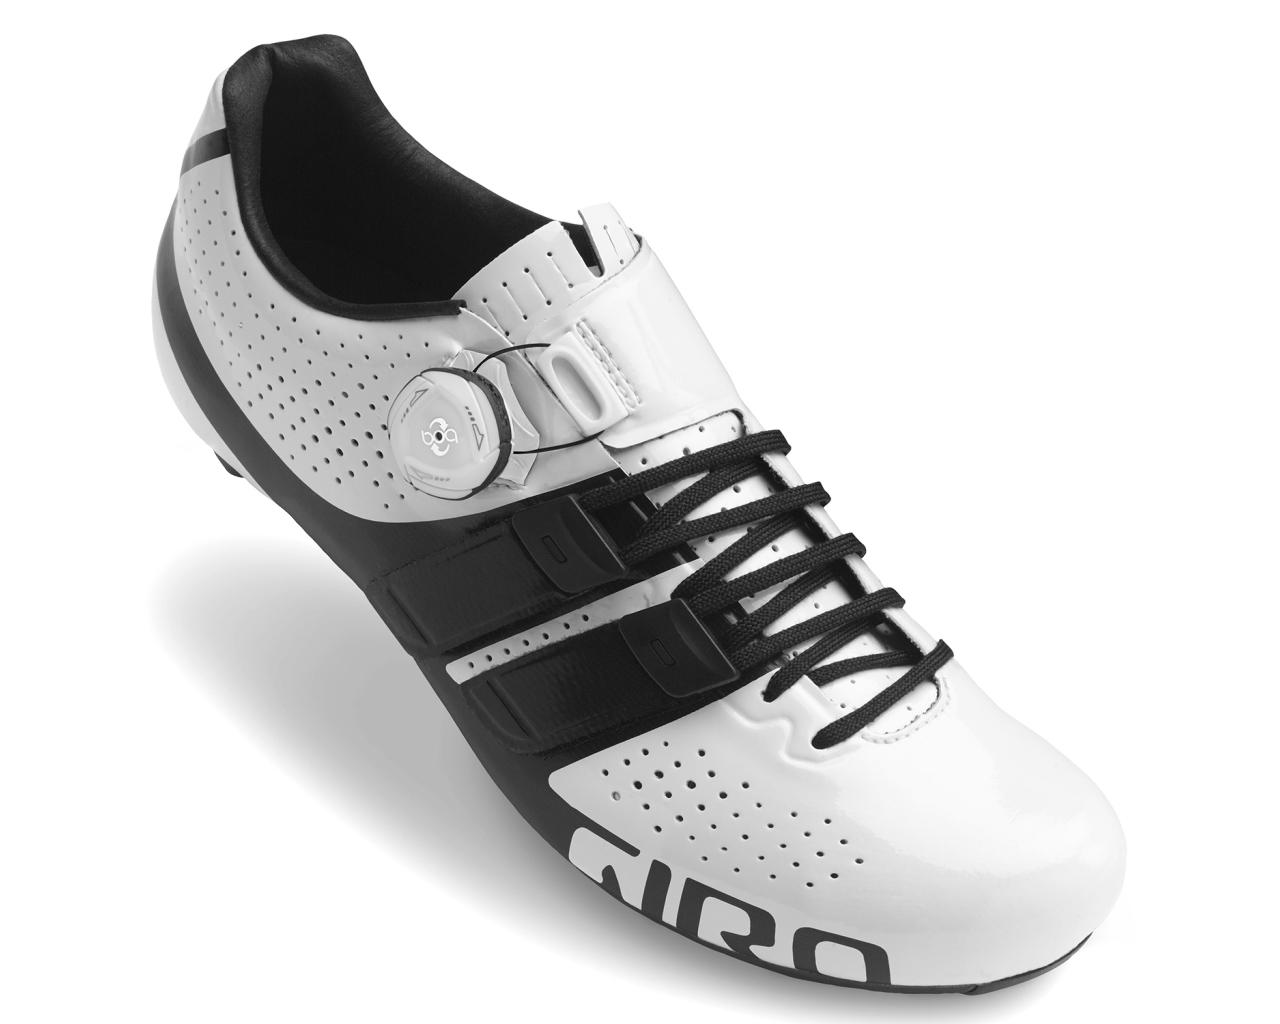 27491_giro_factor_techlace_road_cycling_shoes